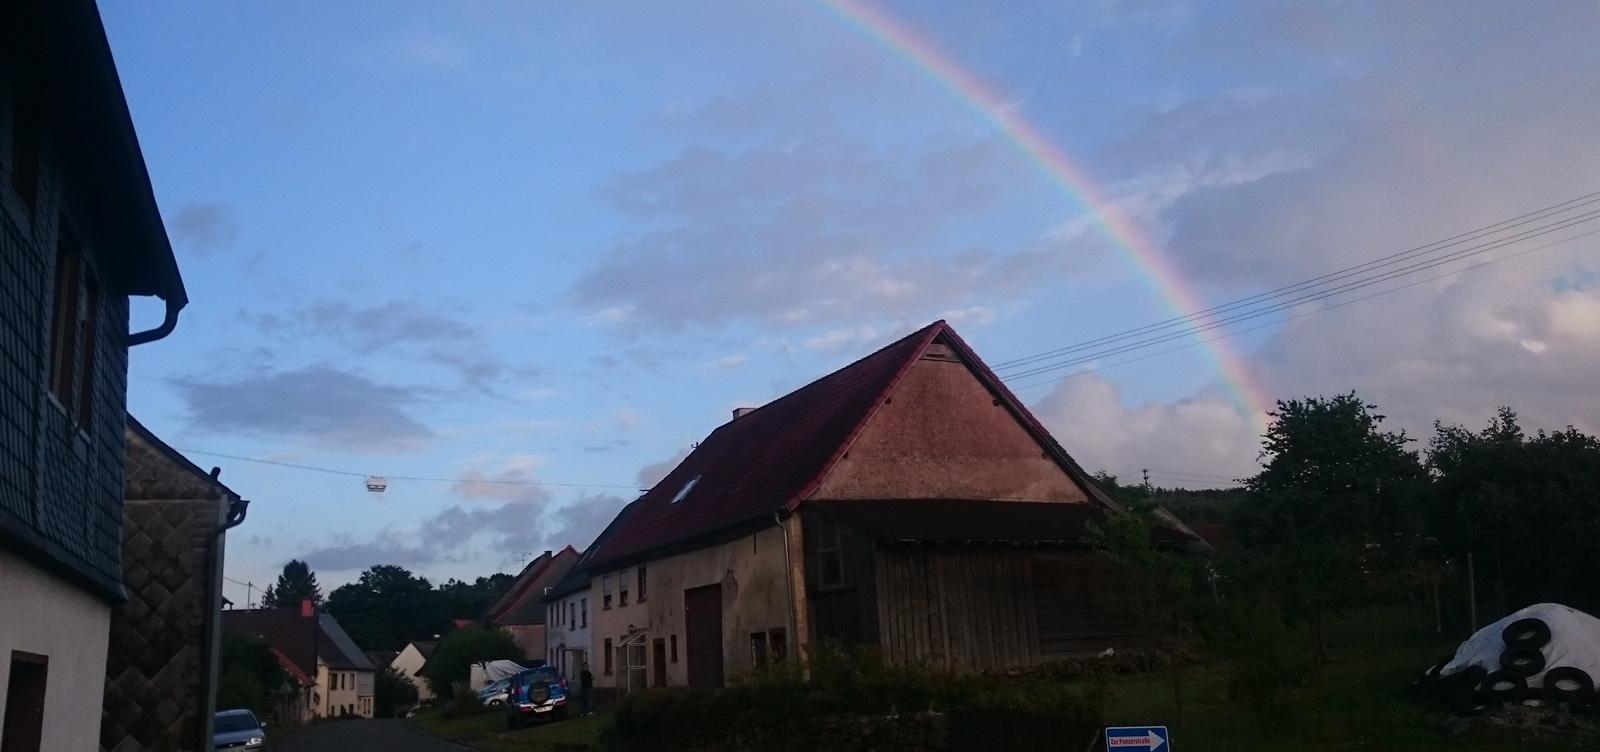 Regenbogenfarben über Achtelsbach